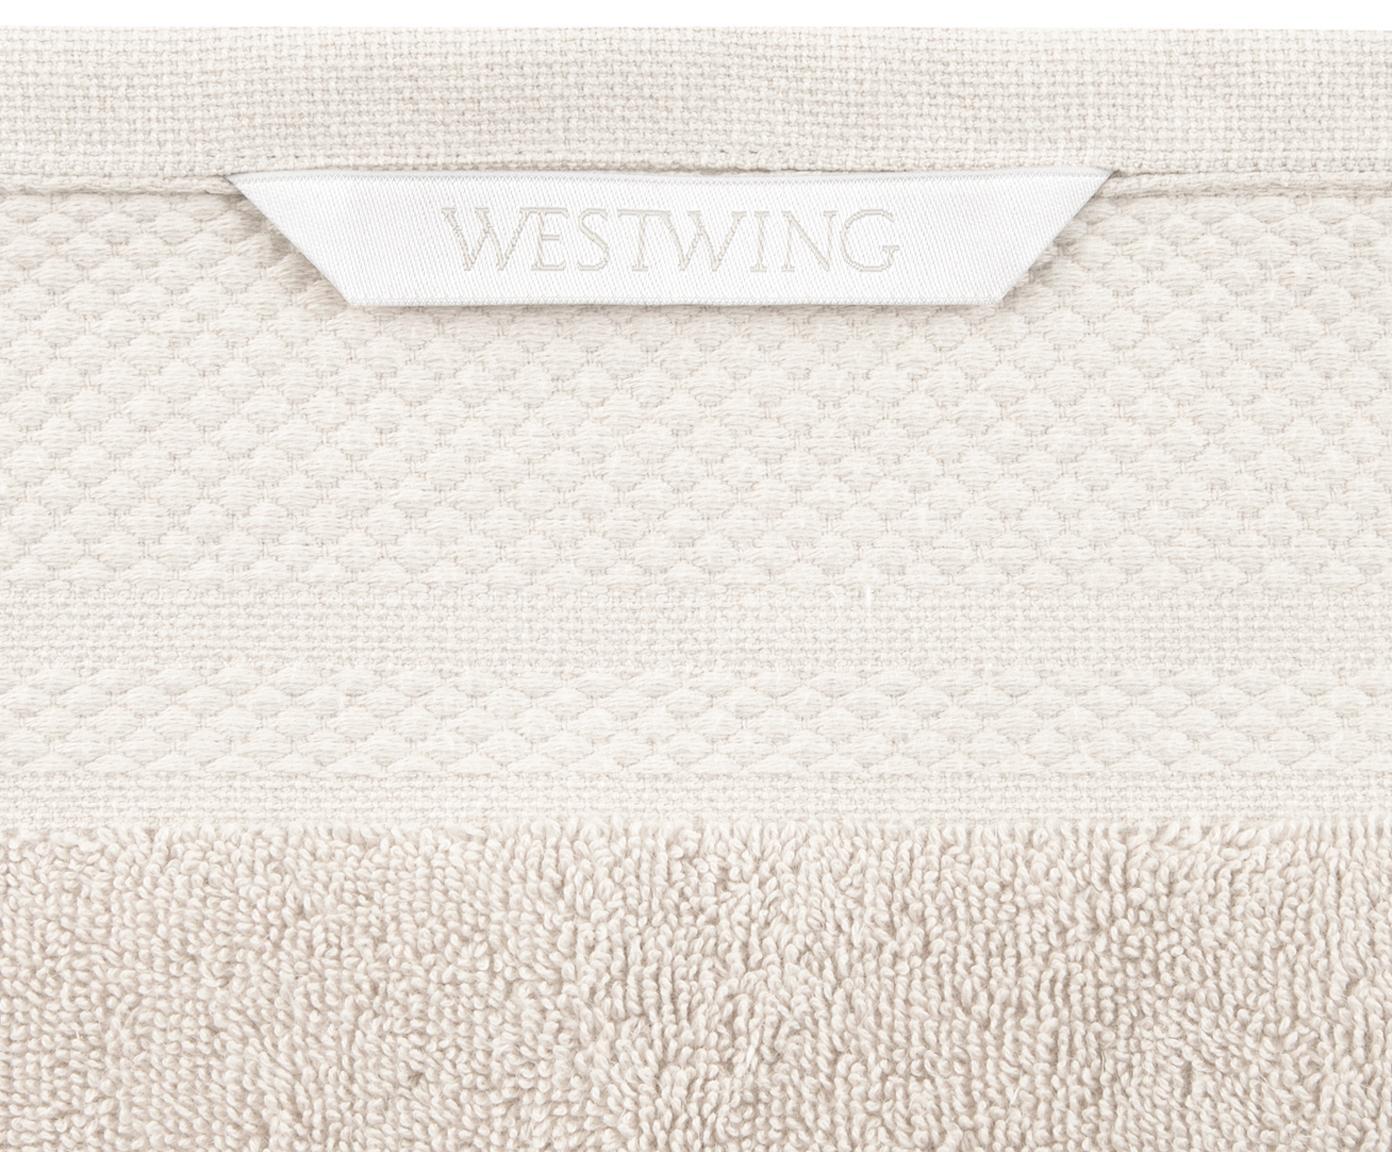 Asciugamano con bordo decorativo Premium, Cotone, qualità pesante 600g/m², Beige, Asciugamano per ospiti Larg. 30 x Lung. 30 cm 2 pz